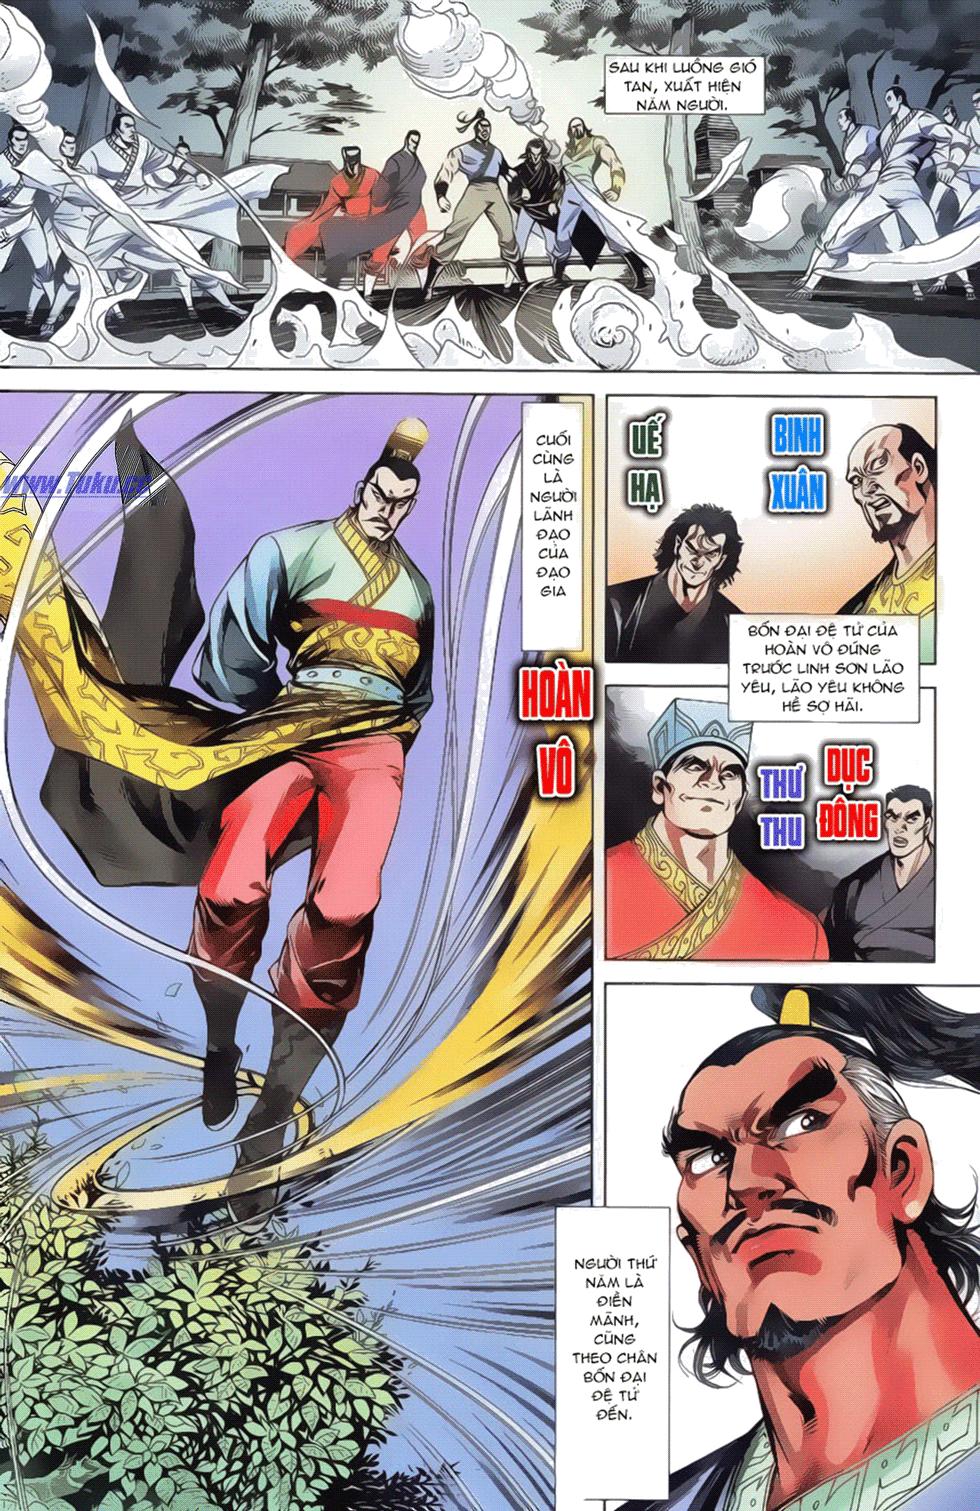 Tần Vương Doanh Chính chapter 17 trang 6